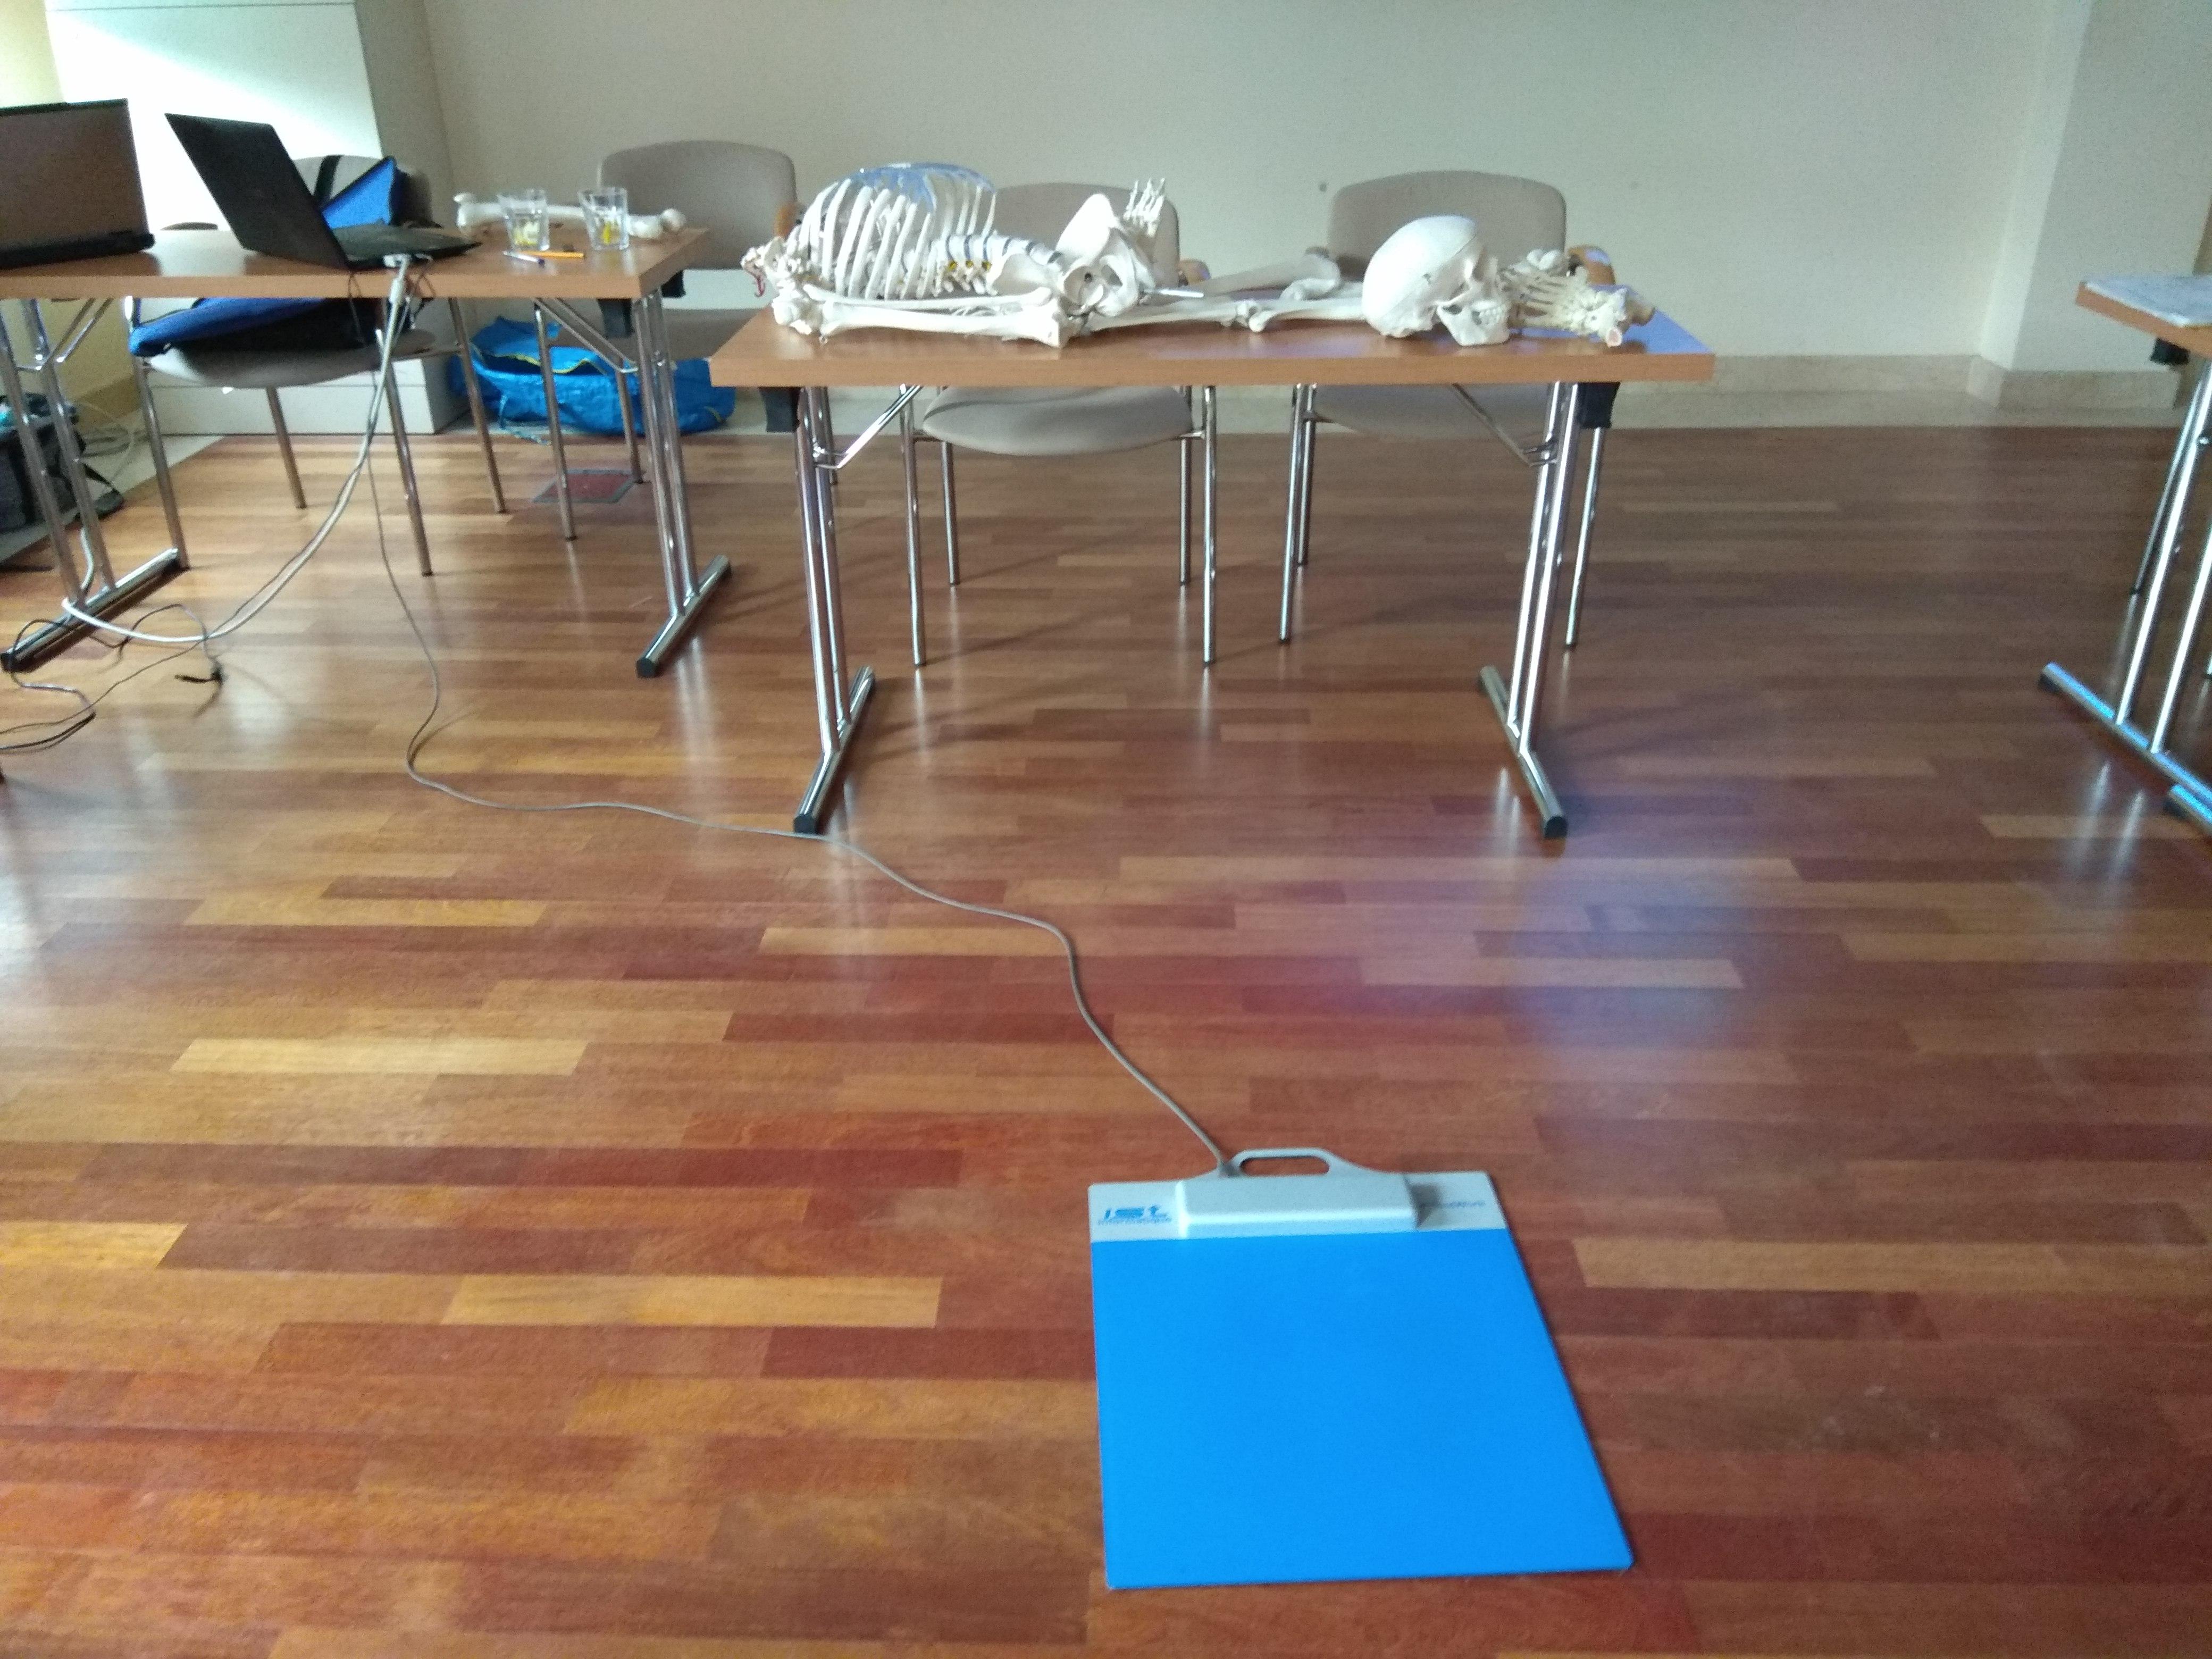 Sala z jasnobrązowymi panelami, na nich leży podoskop, to płaski, niebieski kwadrat podpięty długim przewodem do gniazda. Na prostokątnym stole leży model szkieletu człowieka.